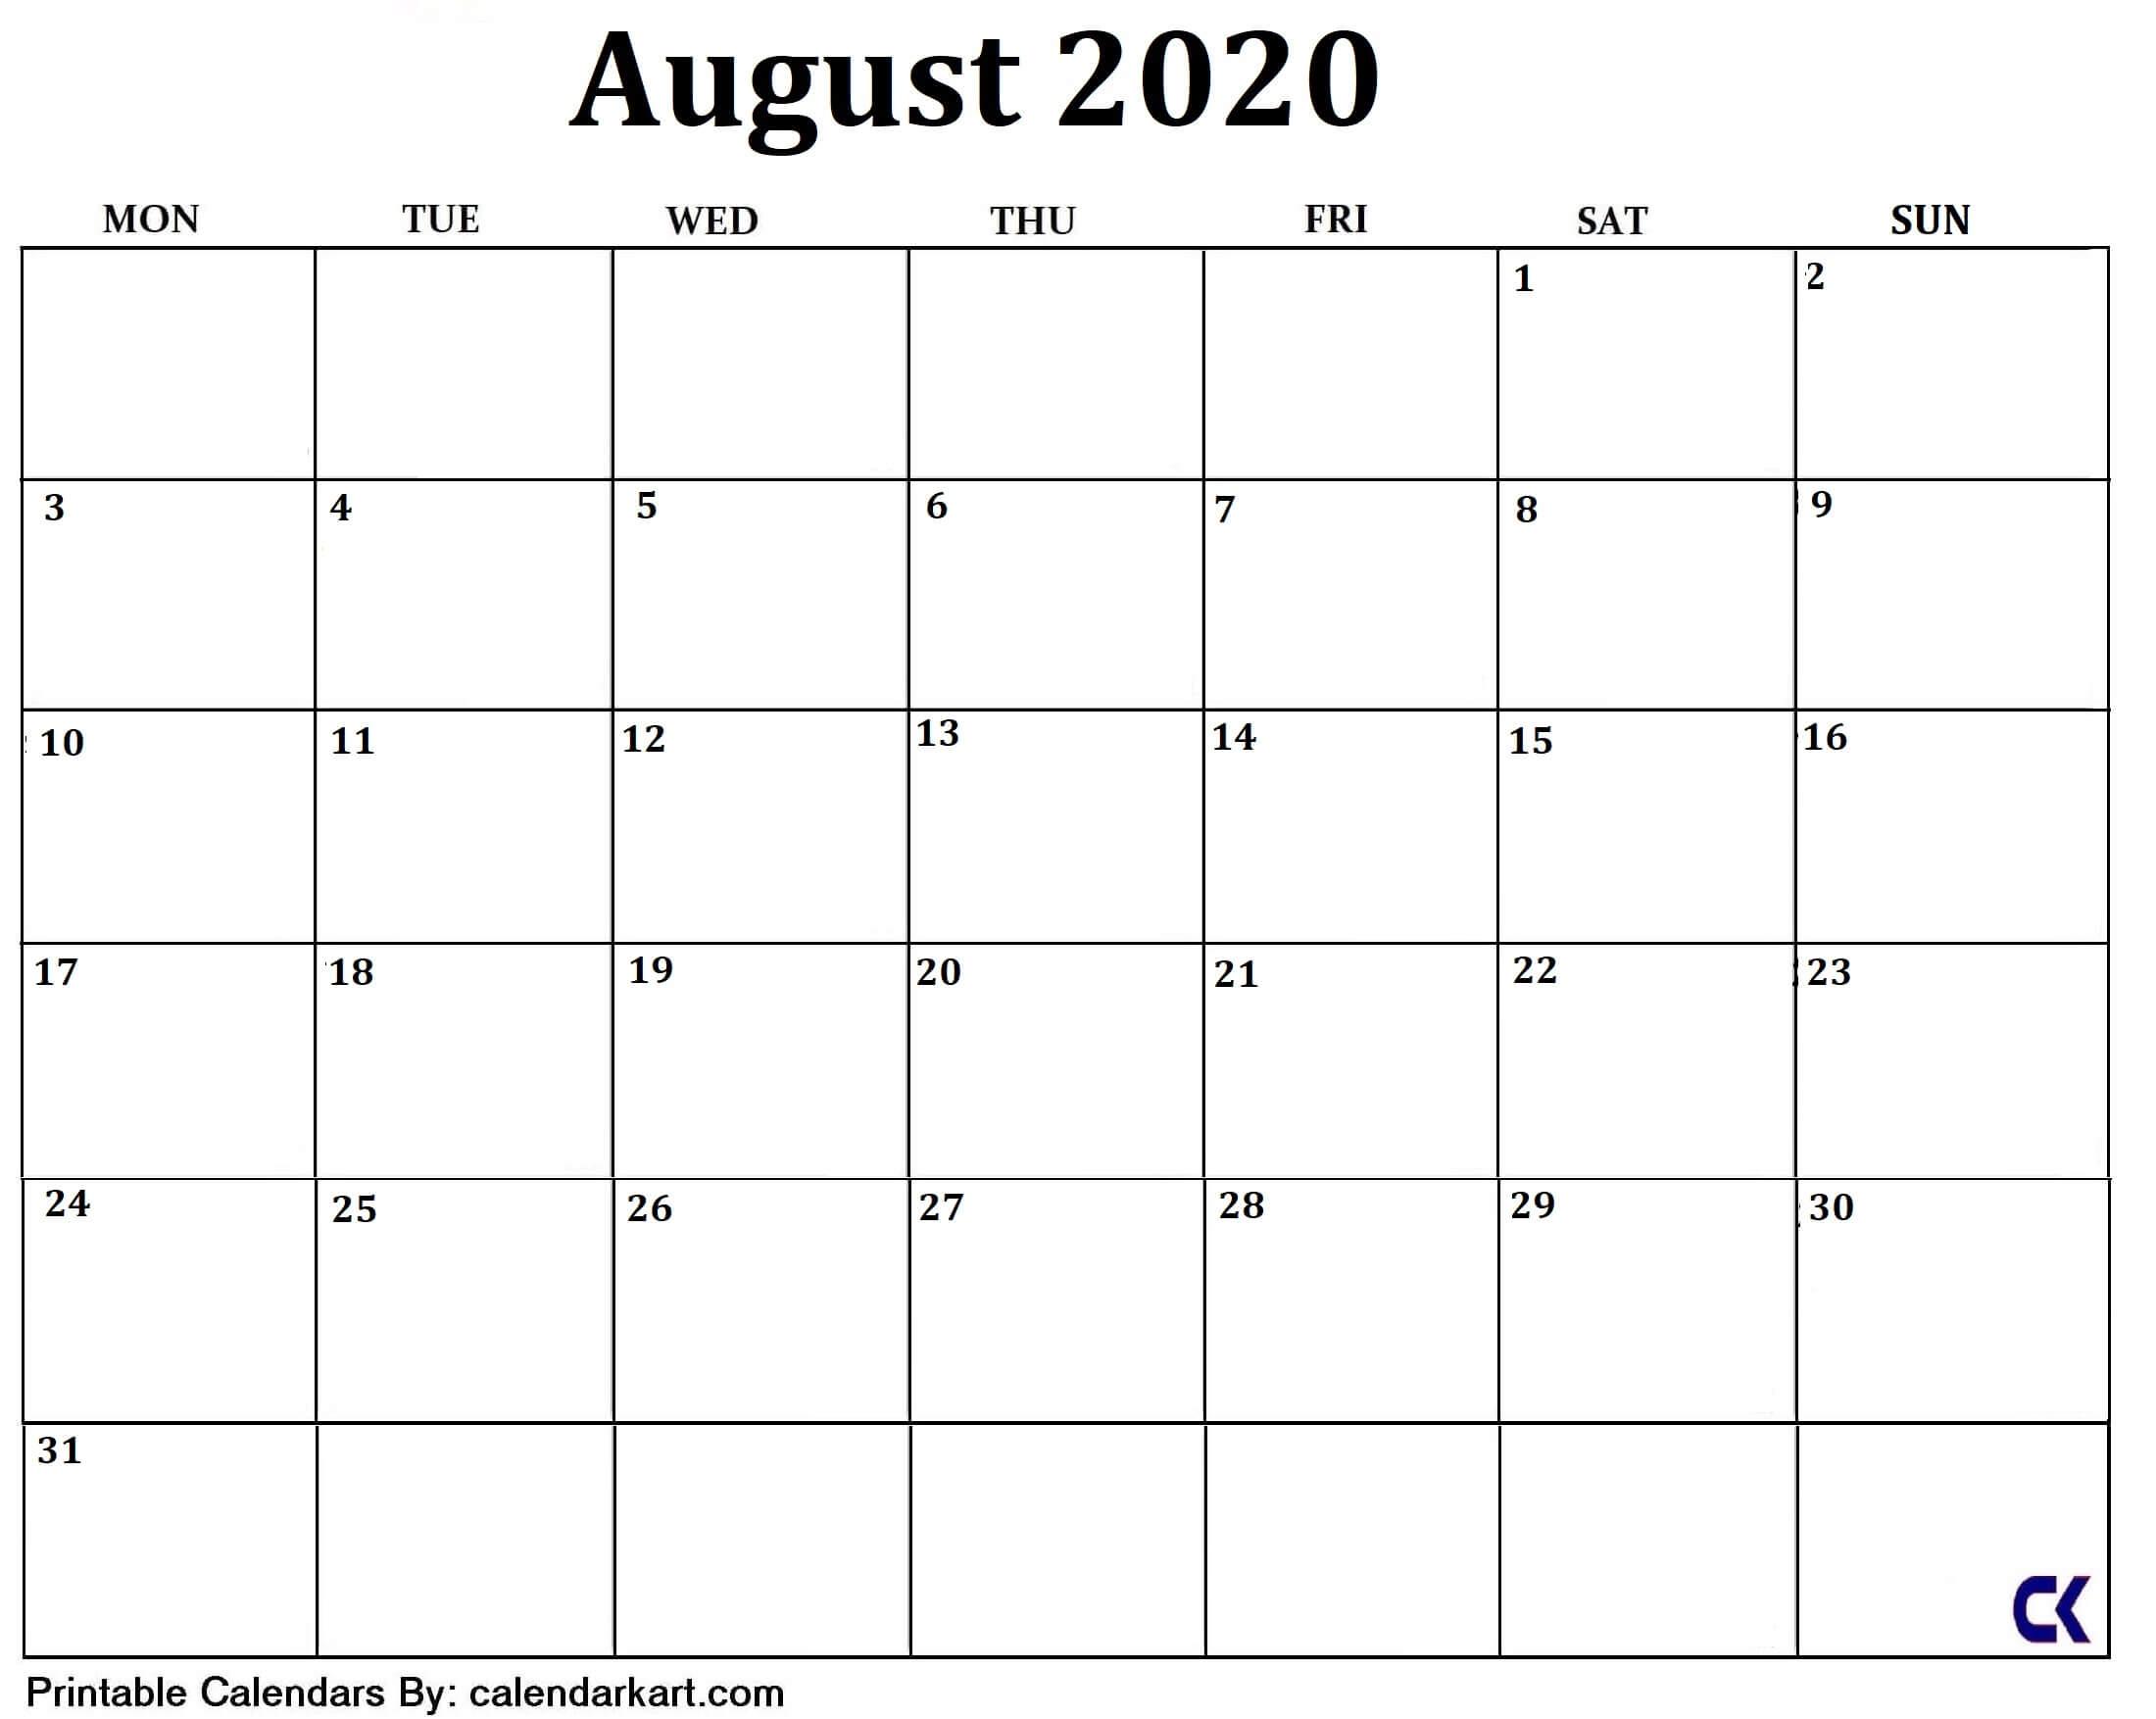 Printable August 2020 Calendar - Calendar-Kart